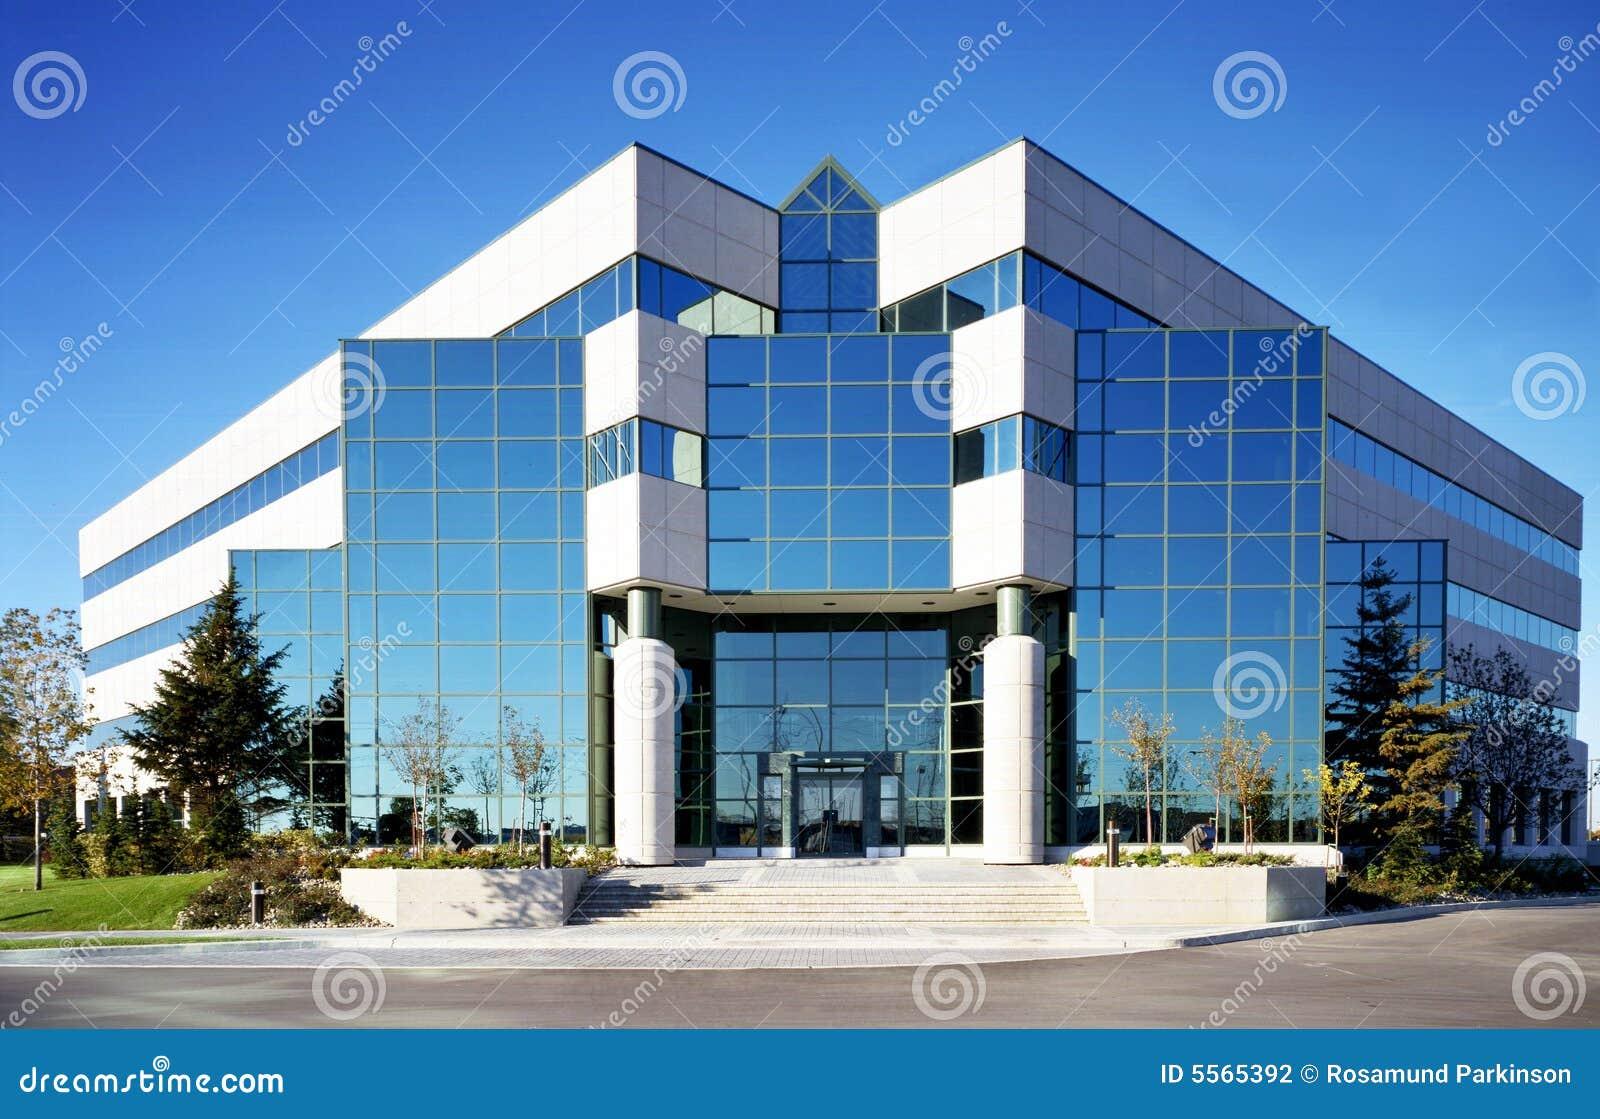 Fachada de cristal foto de archivo imagen de edificio - Fachada de cristal ...